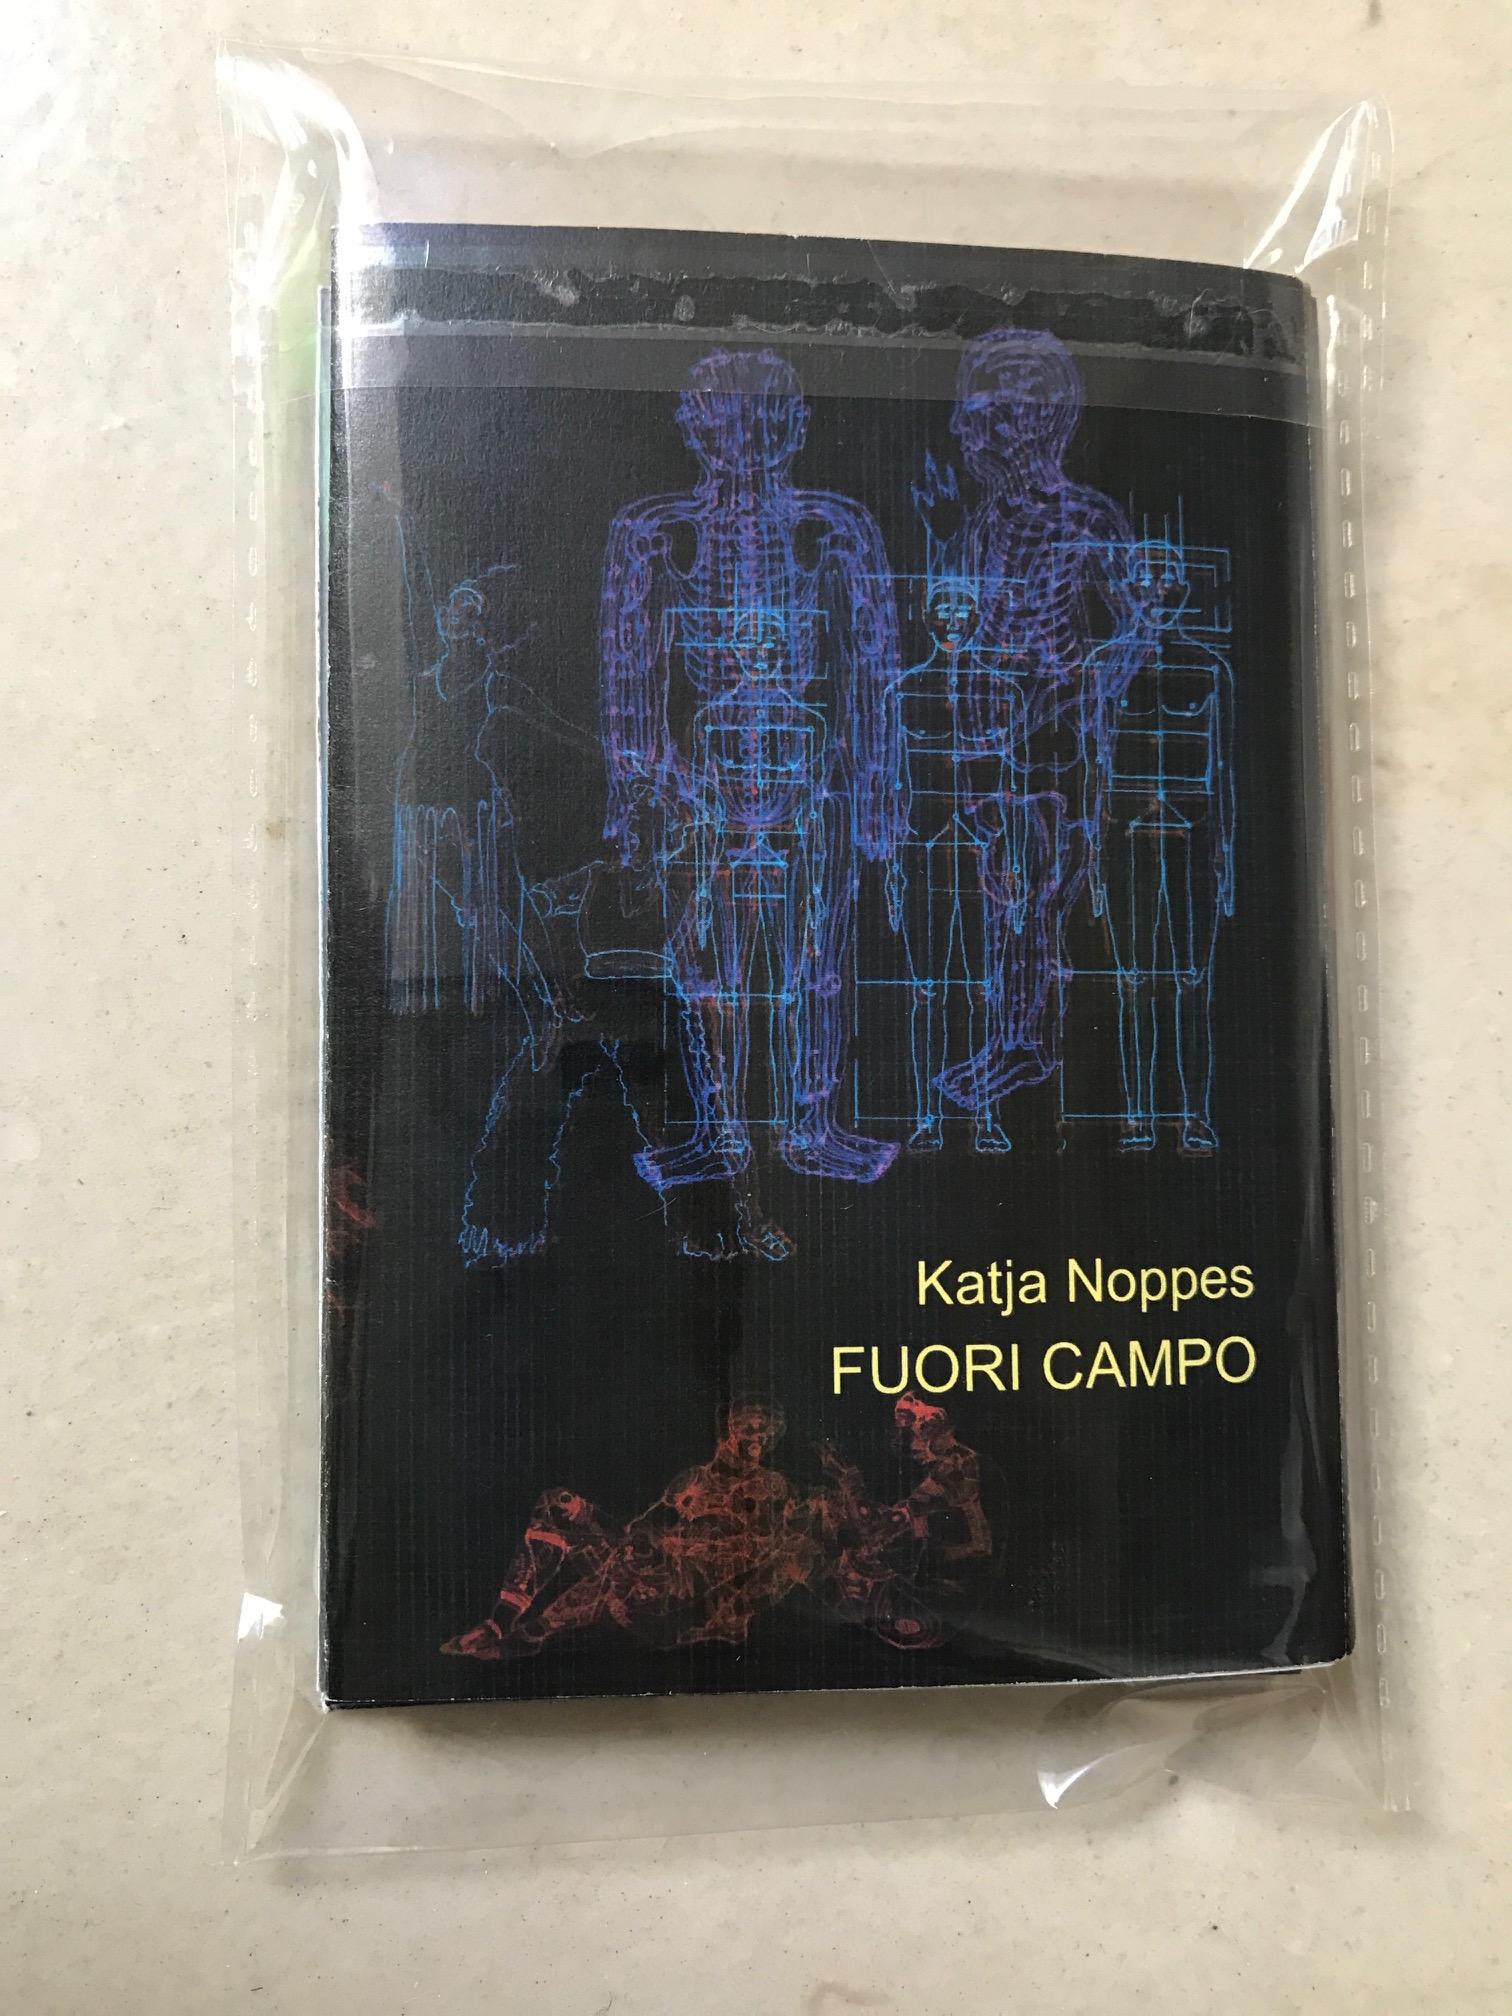 Katia Noppes